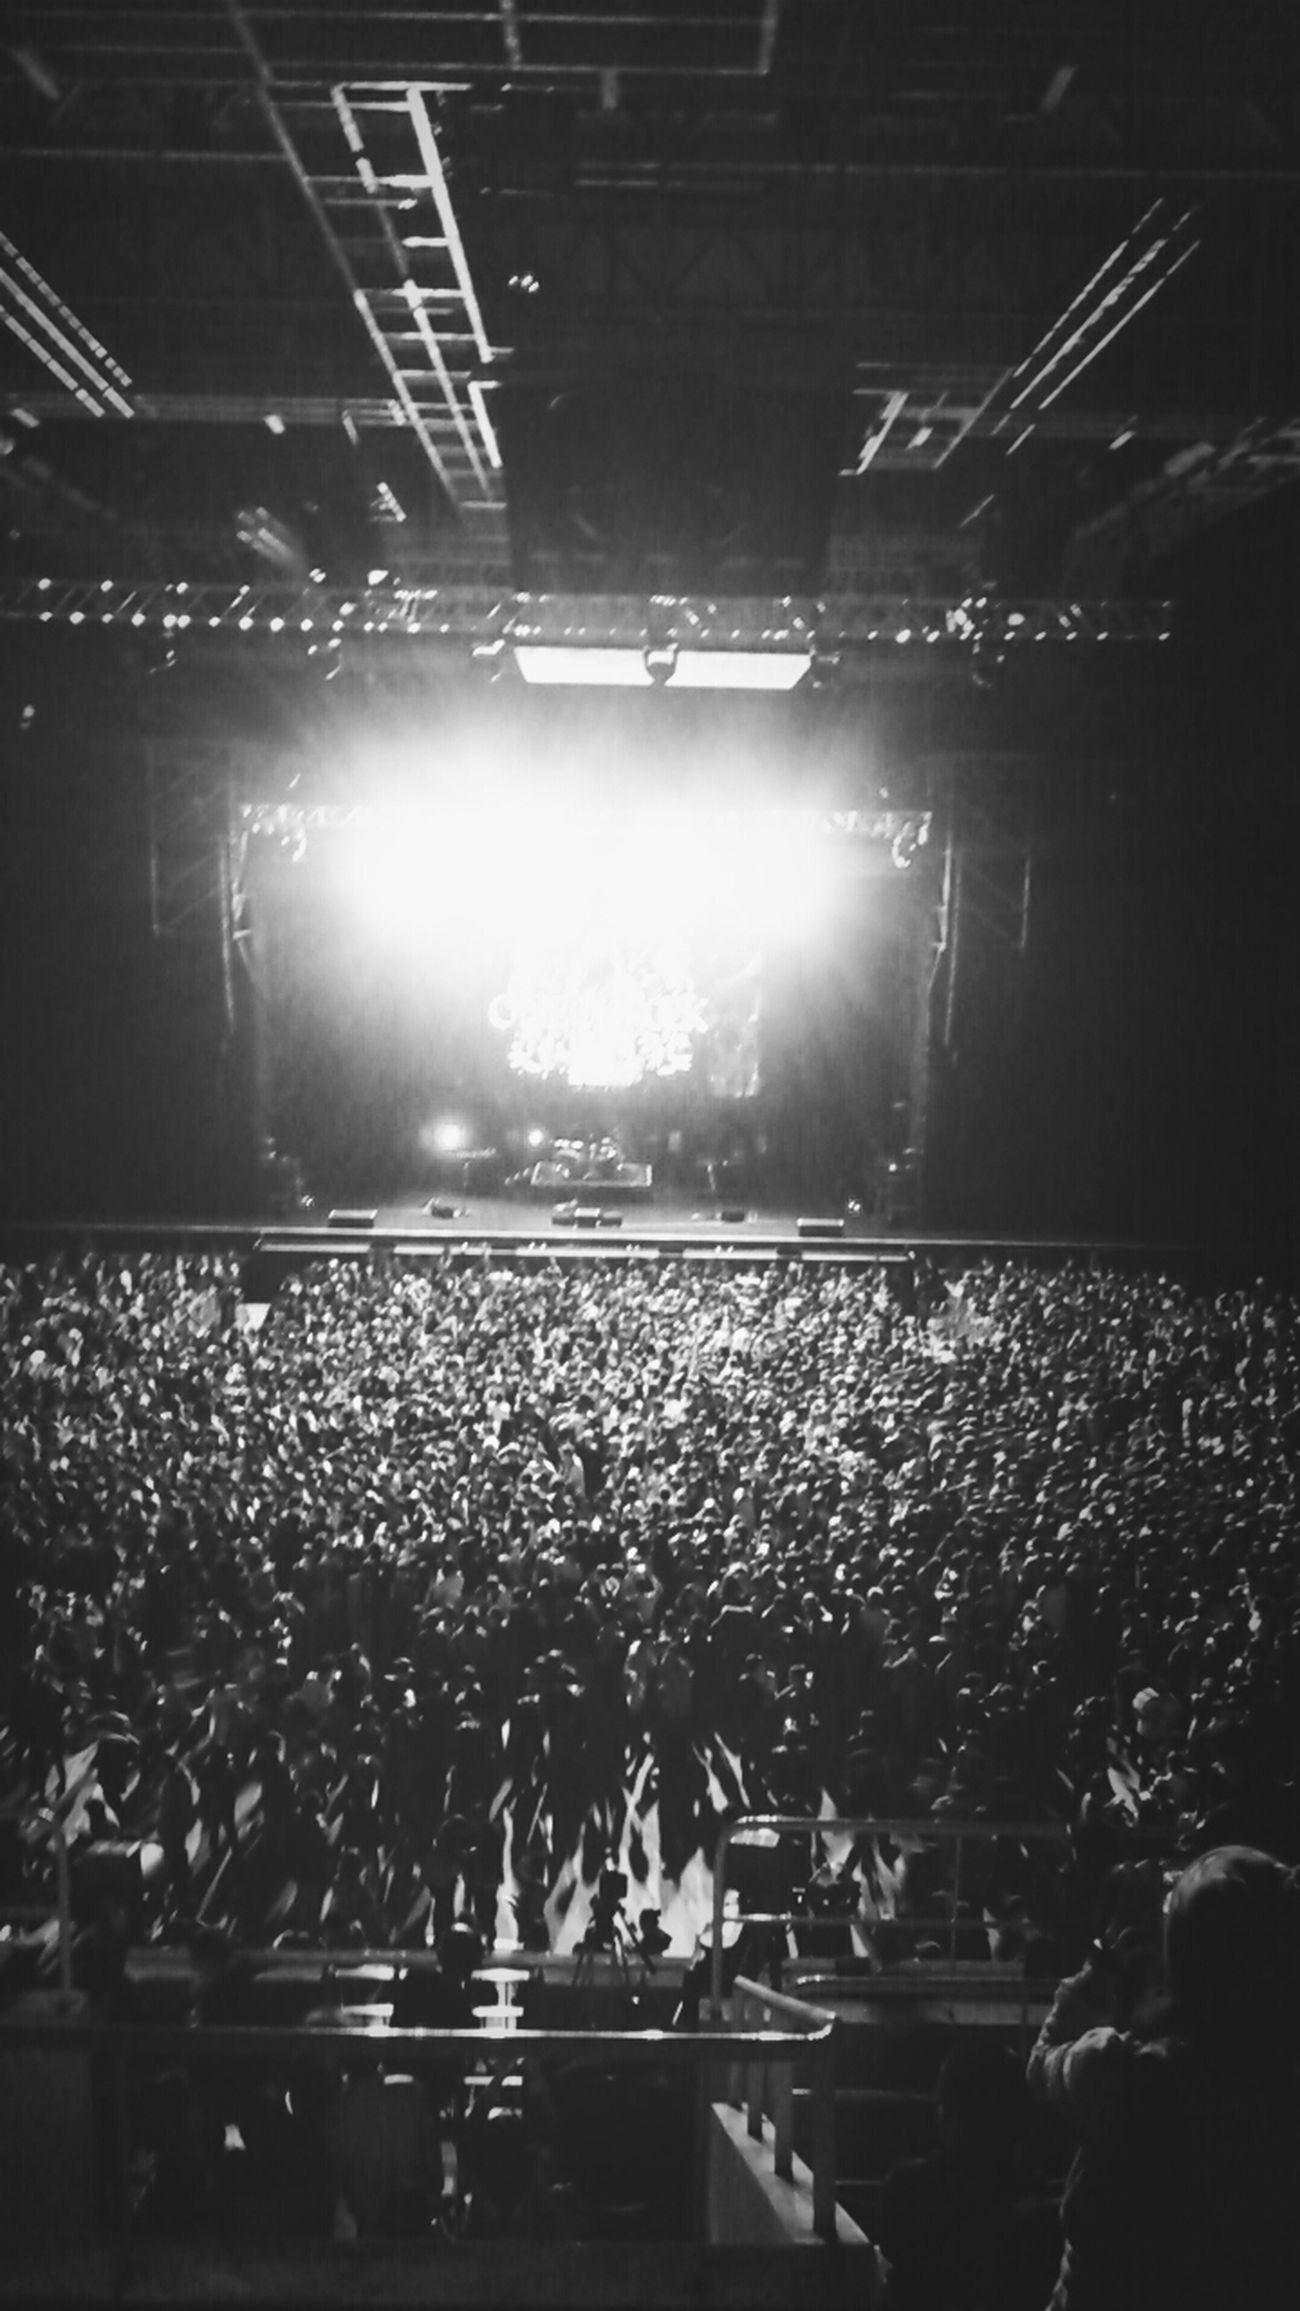 今晚就讓我们享受放鬆一下★OOR 20131207 in Taiwan✌ OOR ONE OK ROCK Enjoying Life